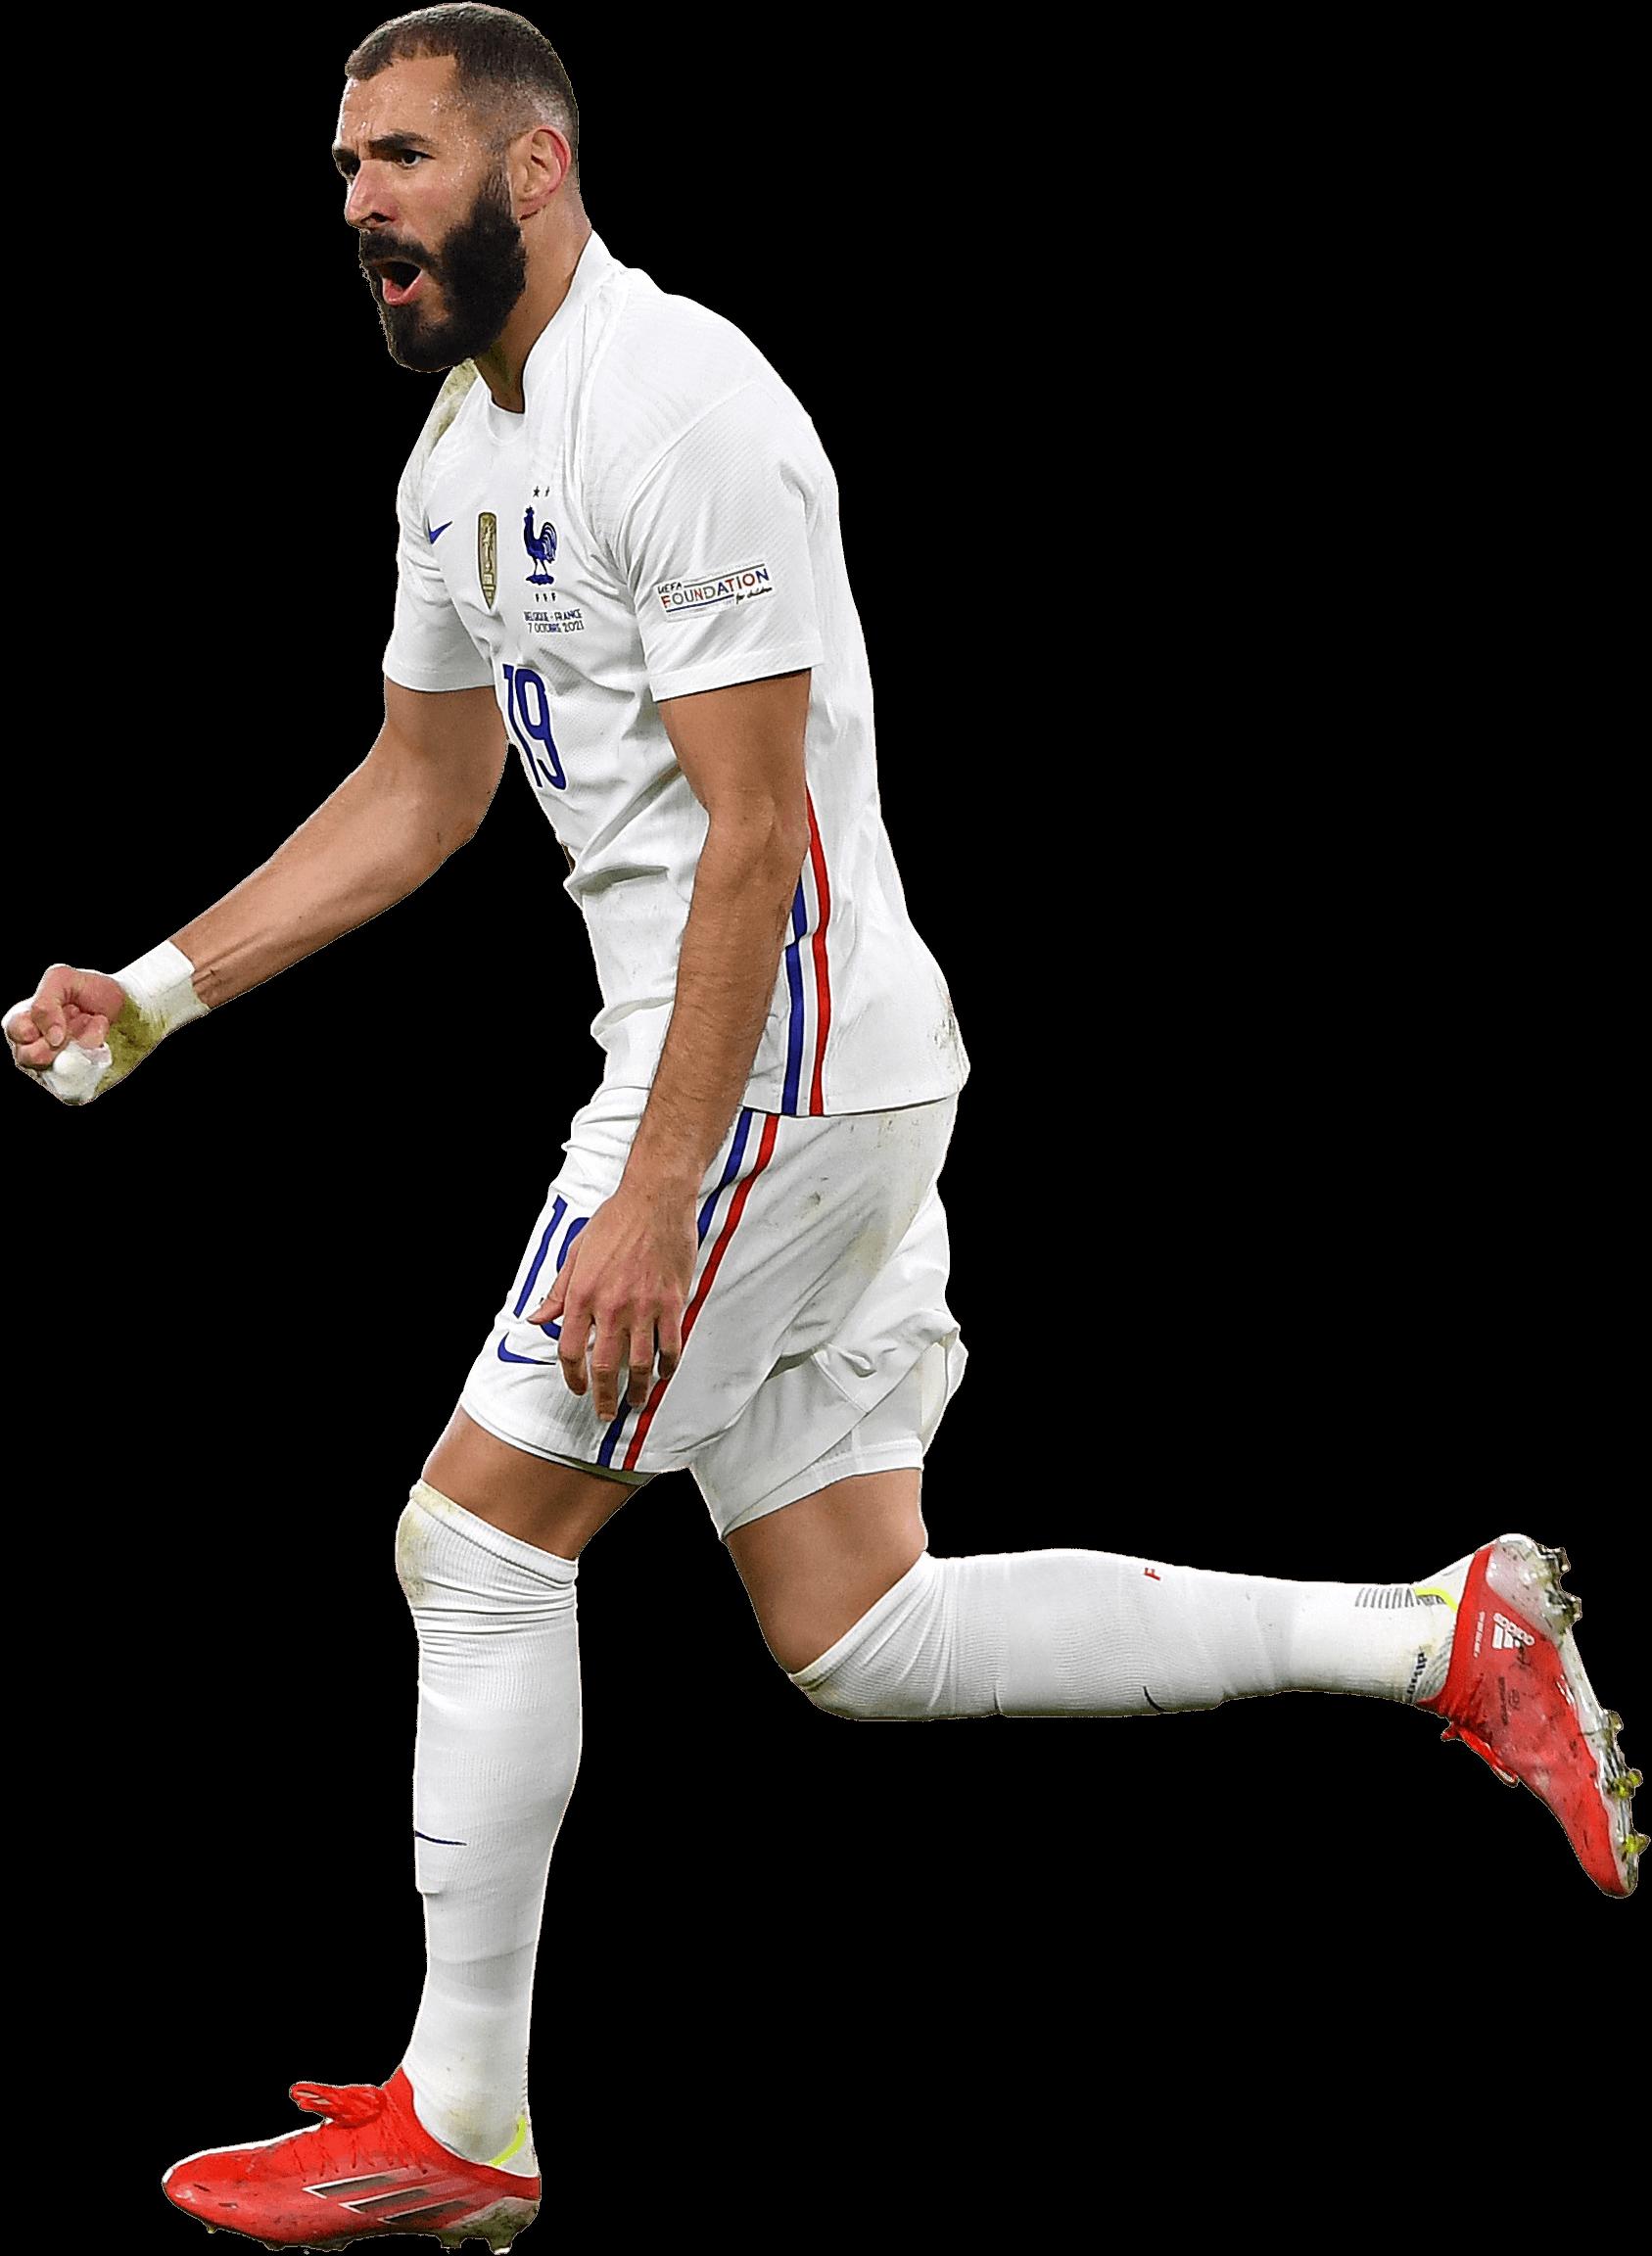 Karim Benzemarender